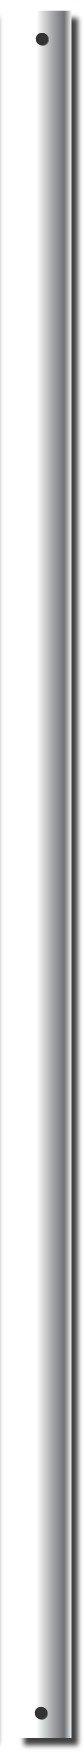 Tige Pour Ventilateur – Canarm – DR2411